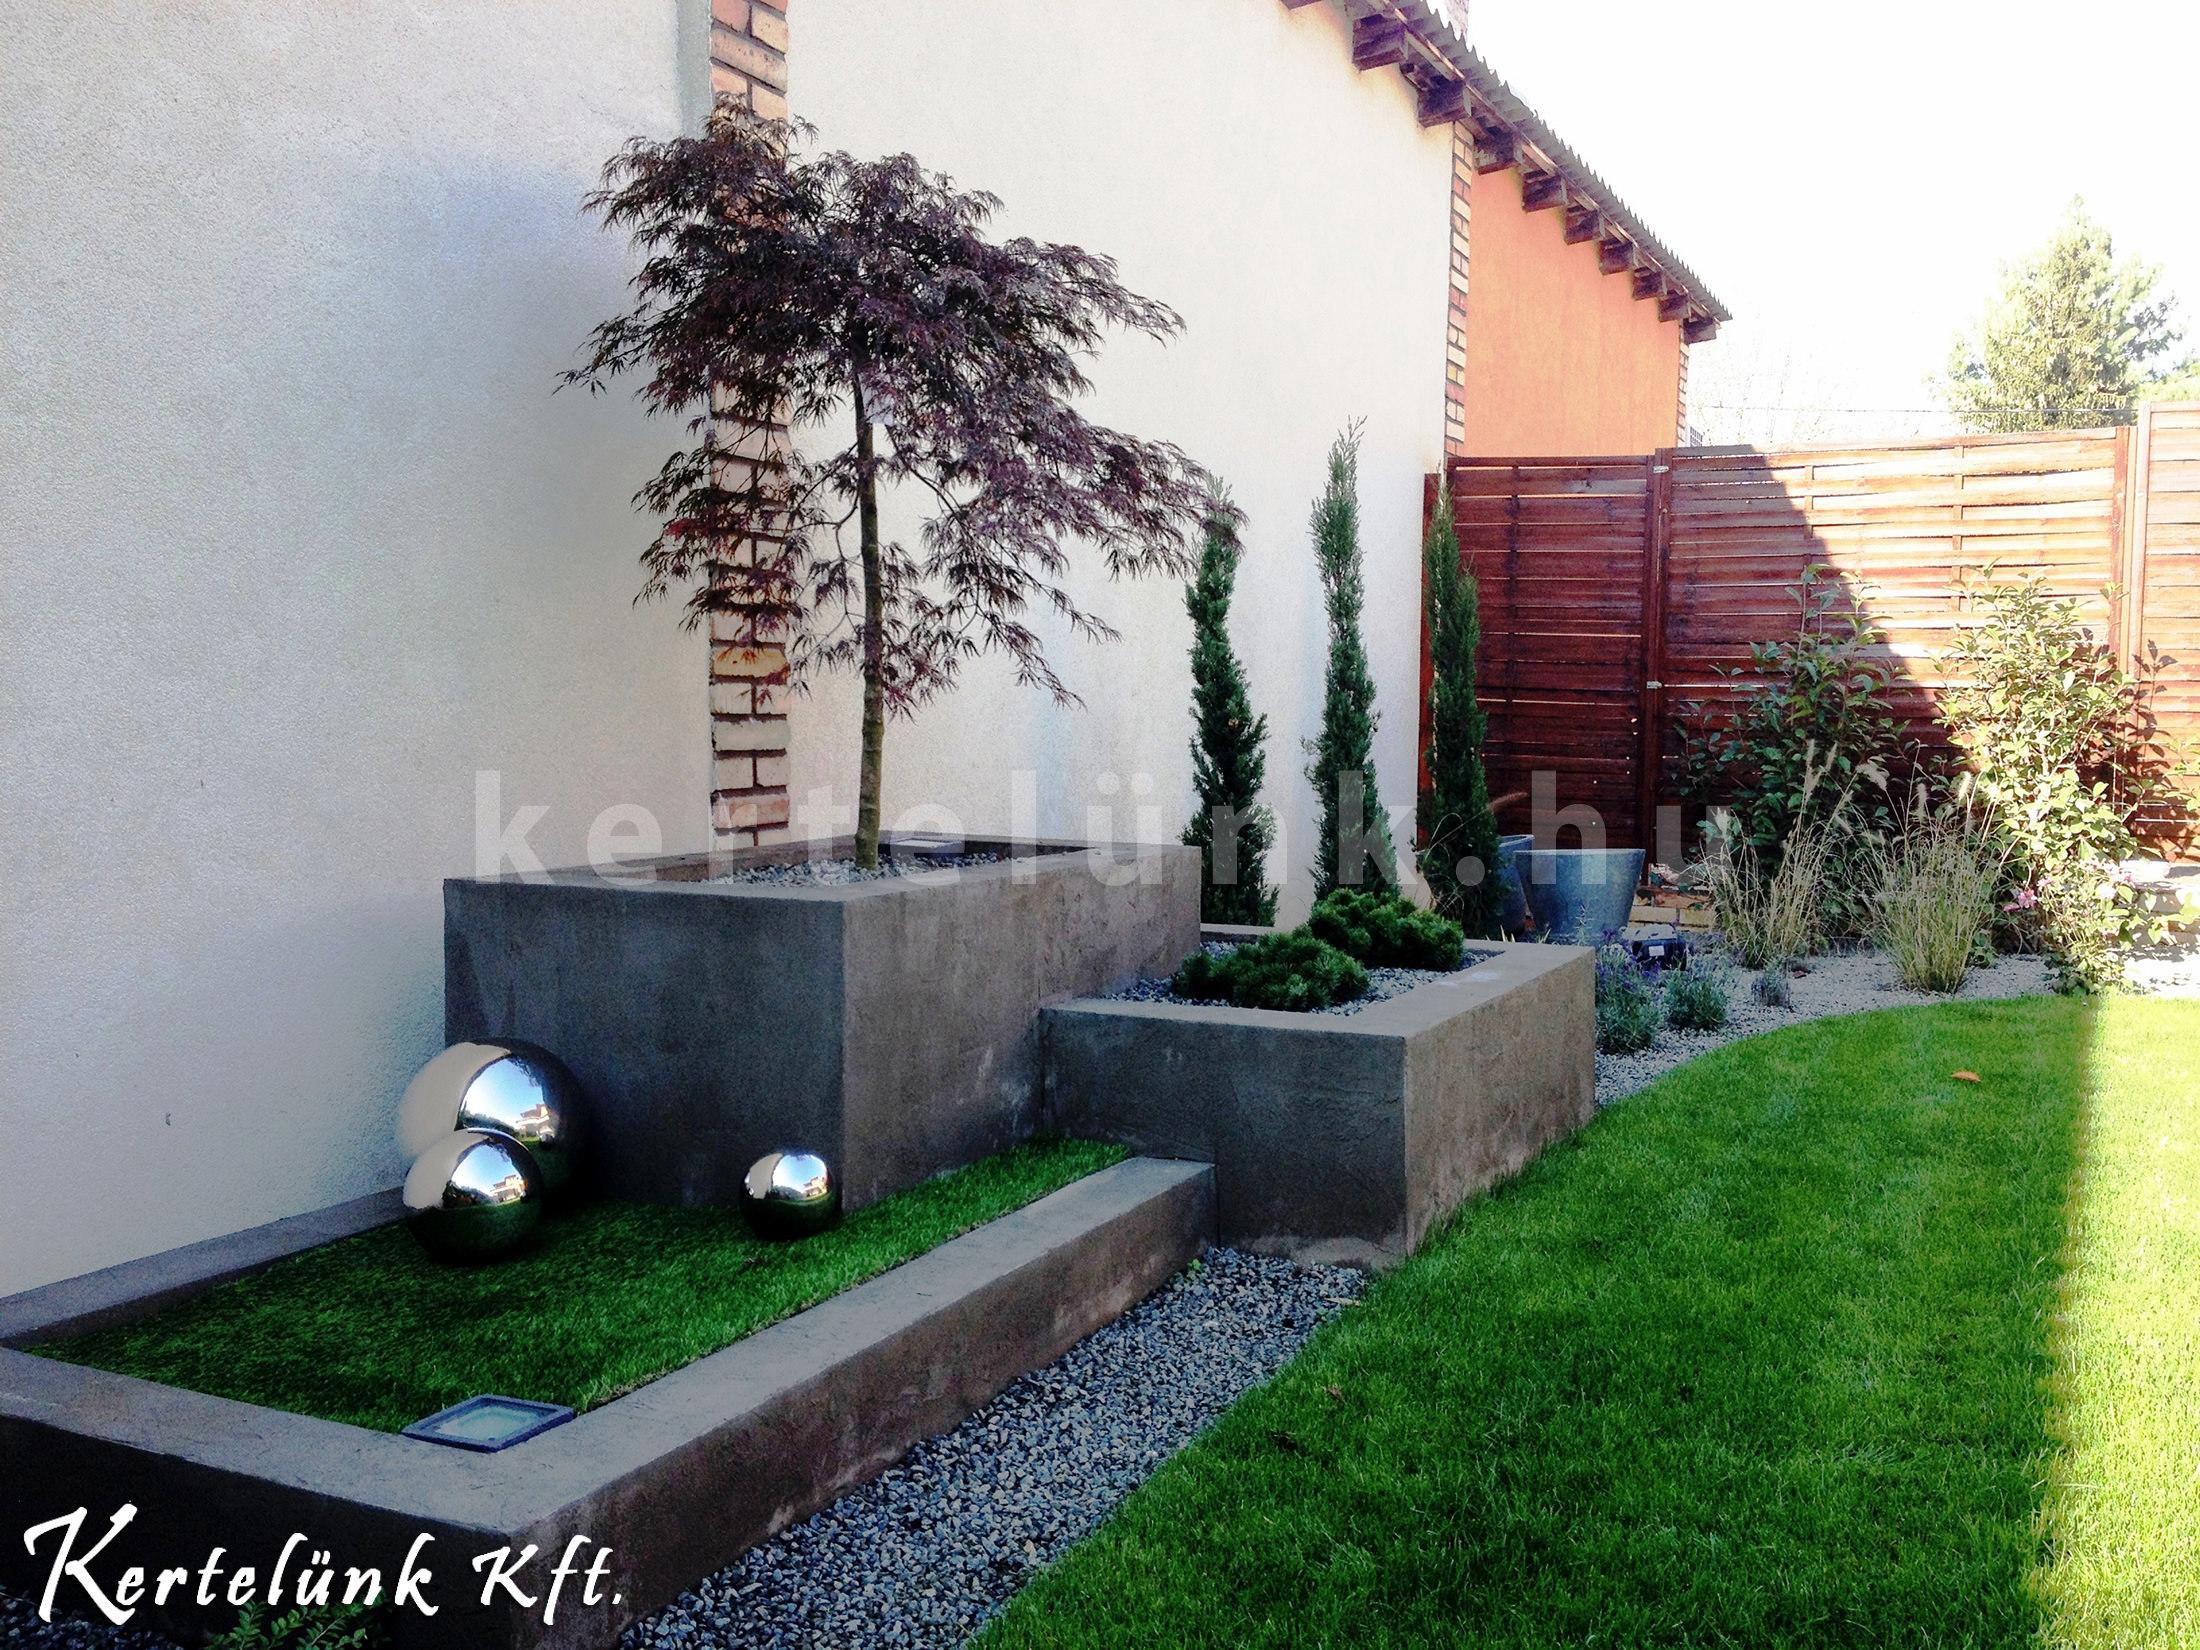 Itt látszóbeton növénytartókkal tettük egyedivé a kert oldalát.